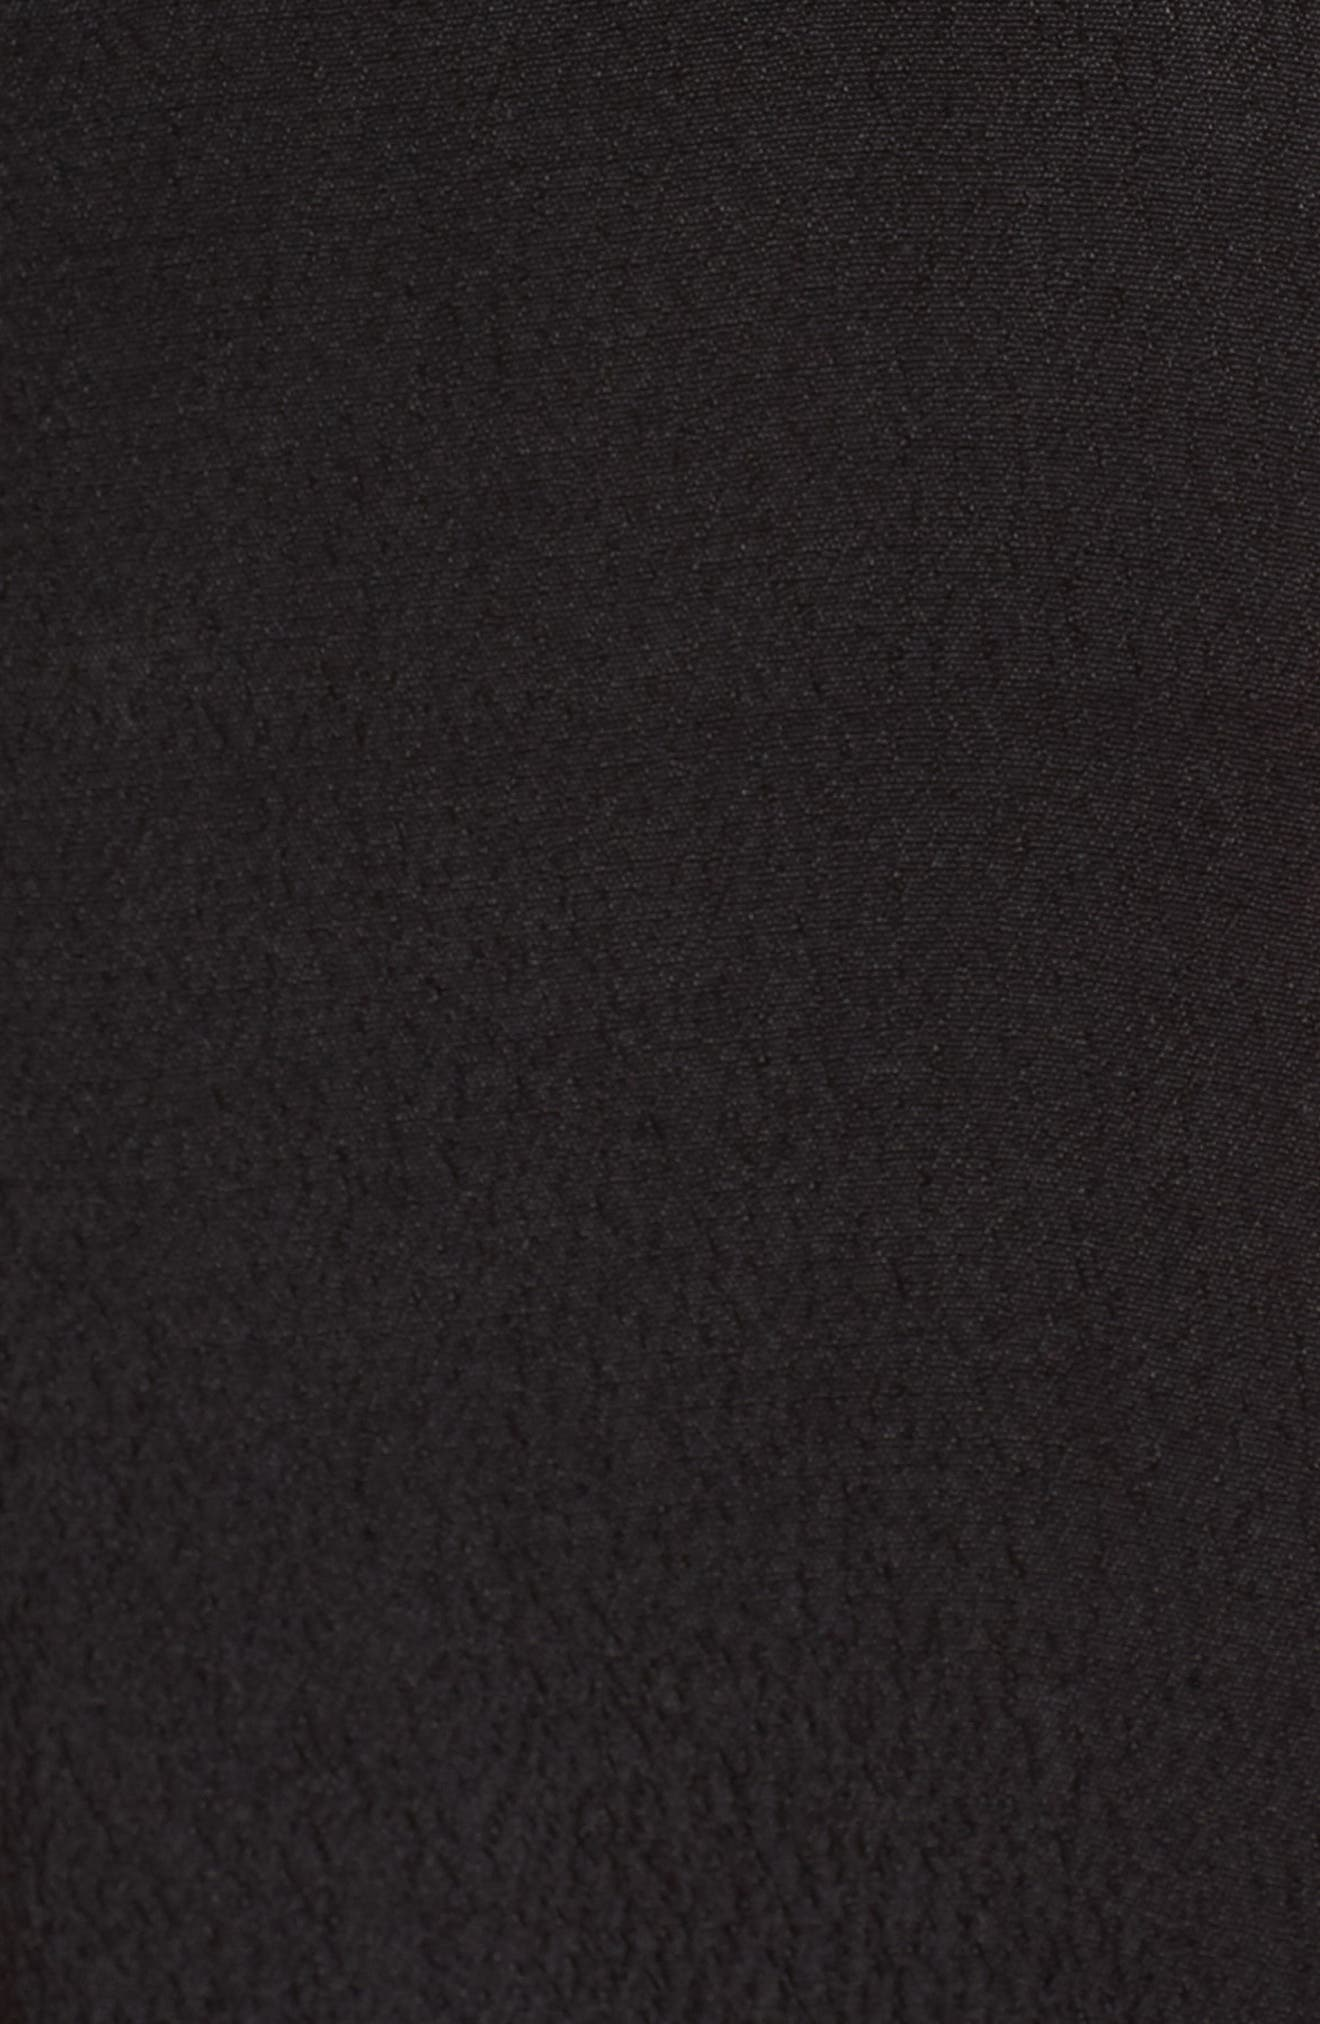 Dead Garden Romper,                             Alternate thumbnail 5, color,                             Black Multi